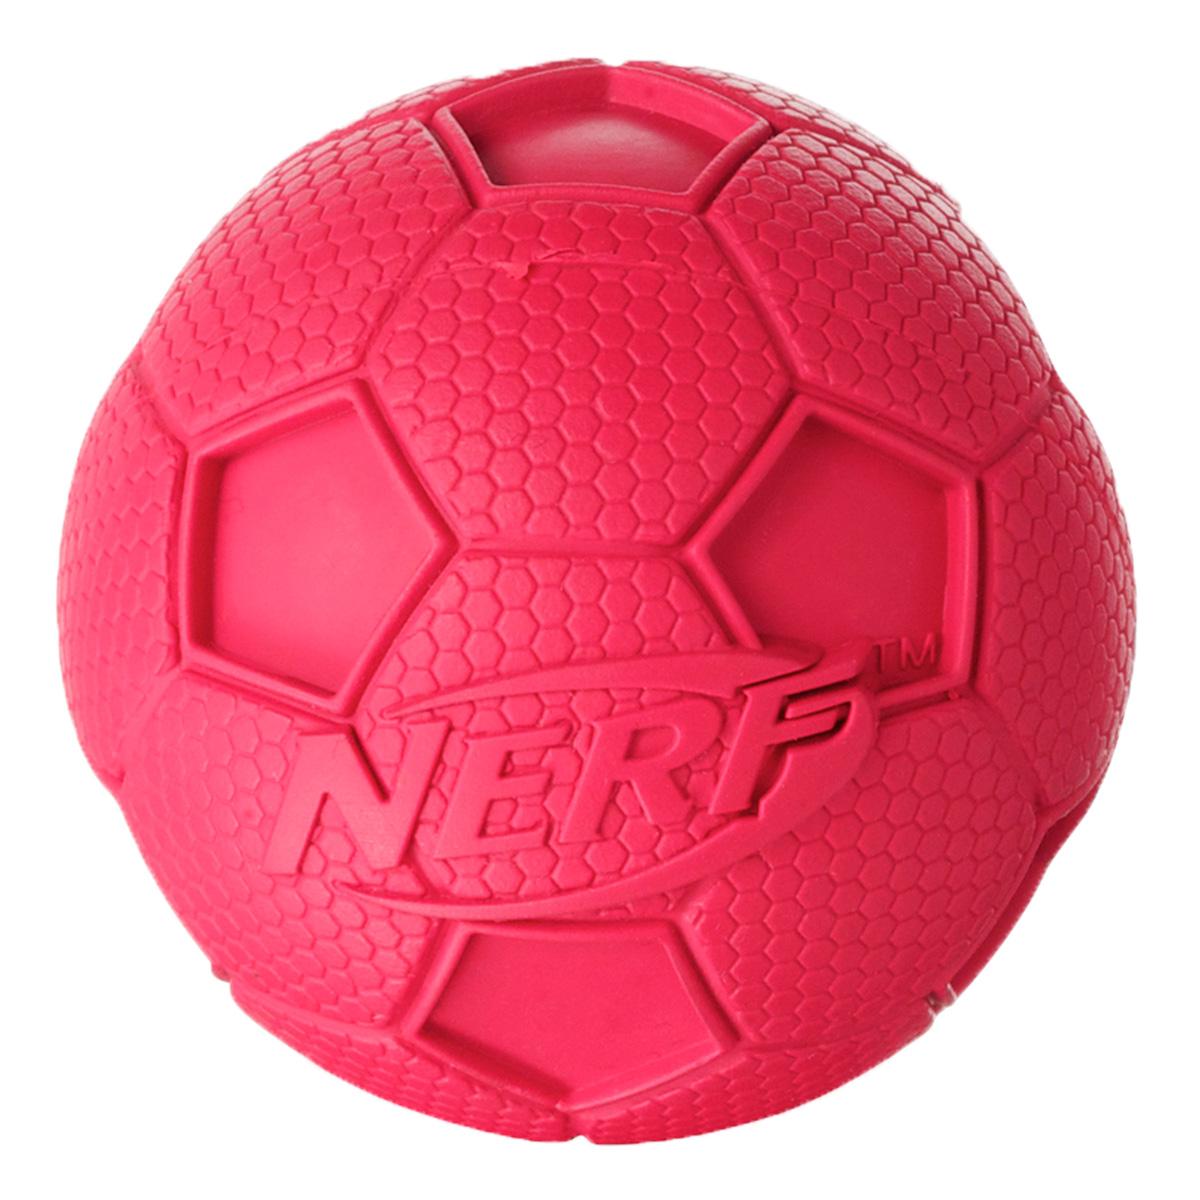 Игрушка для собак Nerf Мяч футбольный, с пищалкой, цвет: красный, 6 см22187Мяч Nerf выполнен из сверхпрочной резины. Оптимален для игры с собакой дома и на свежем воздухе.Подходит собакам с самой мощной челюстью!Высококачественные прочные материалы, из которых изготовлена игрушка, обеспечивают долговечность использования.Звук мяча дополнительно увлекает собаку игрой.Размер S: 6 см.